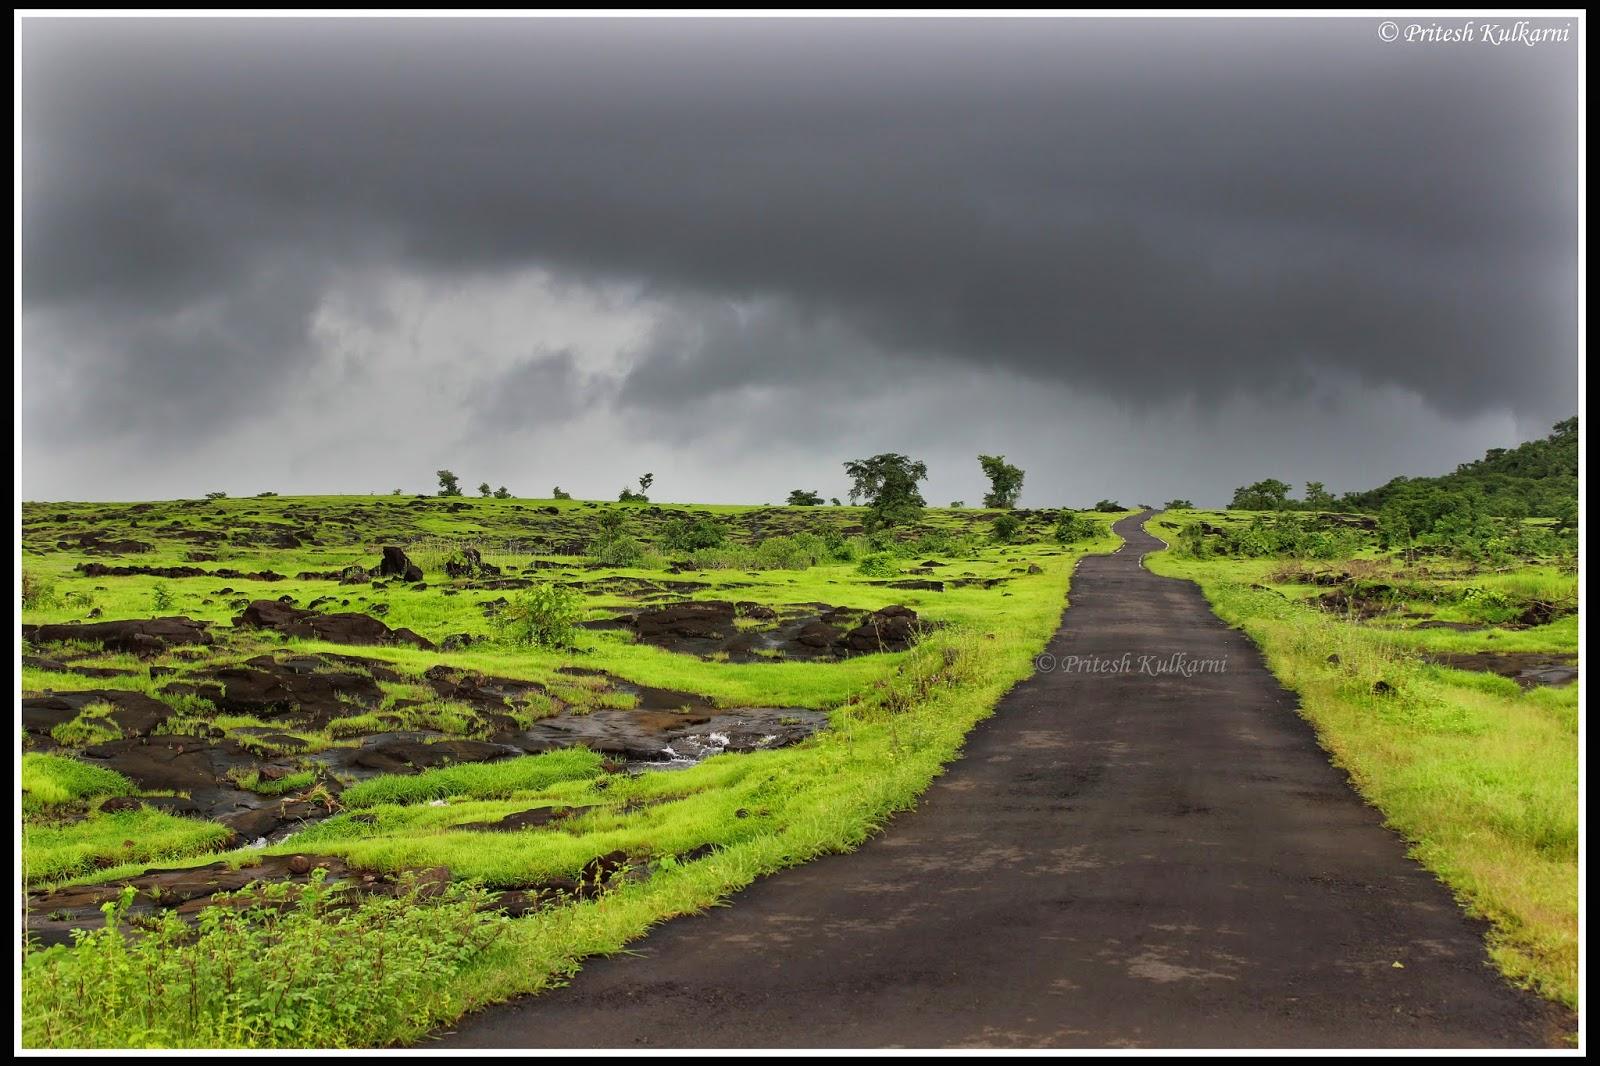 Road in Konkan, Raigad